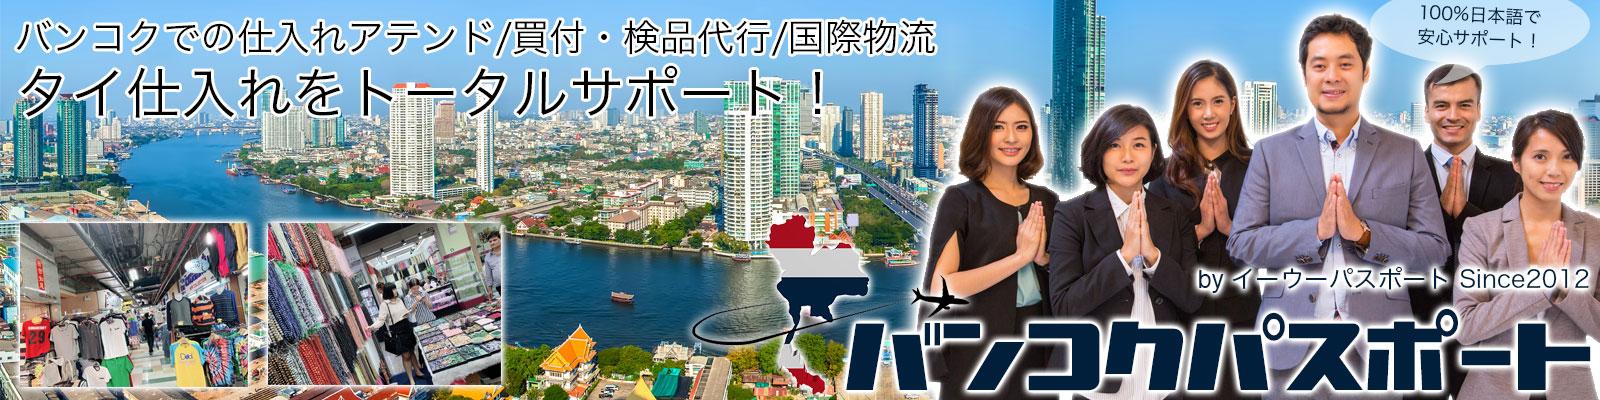 【バンコクパスポート】日系No.1タイ仕入れアテンド、小ロット輸入代行